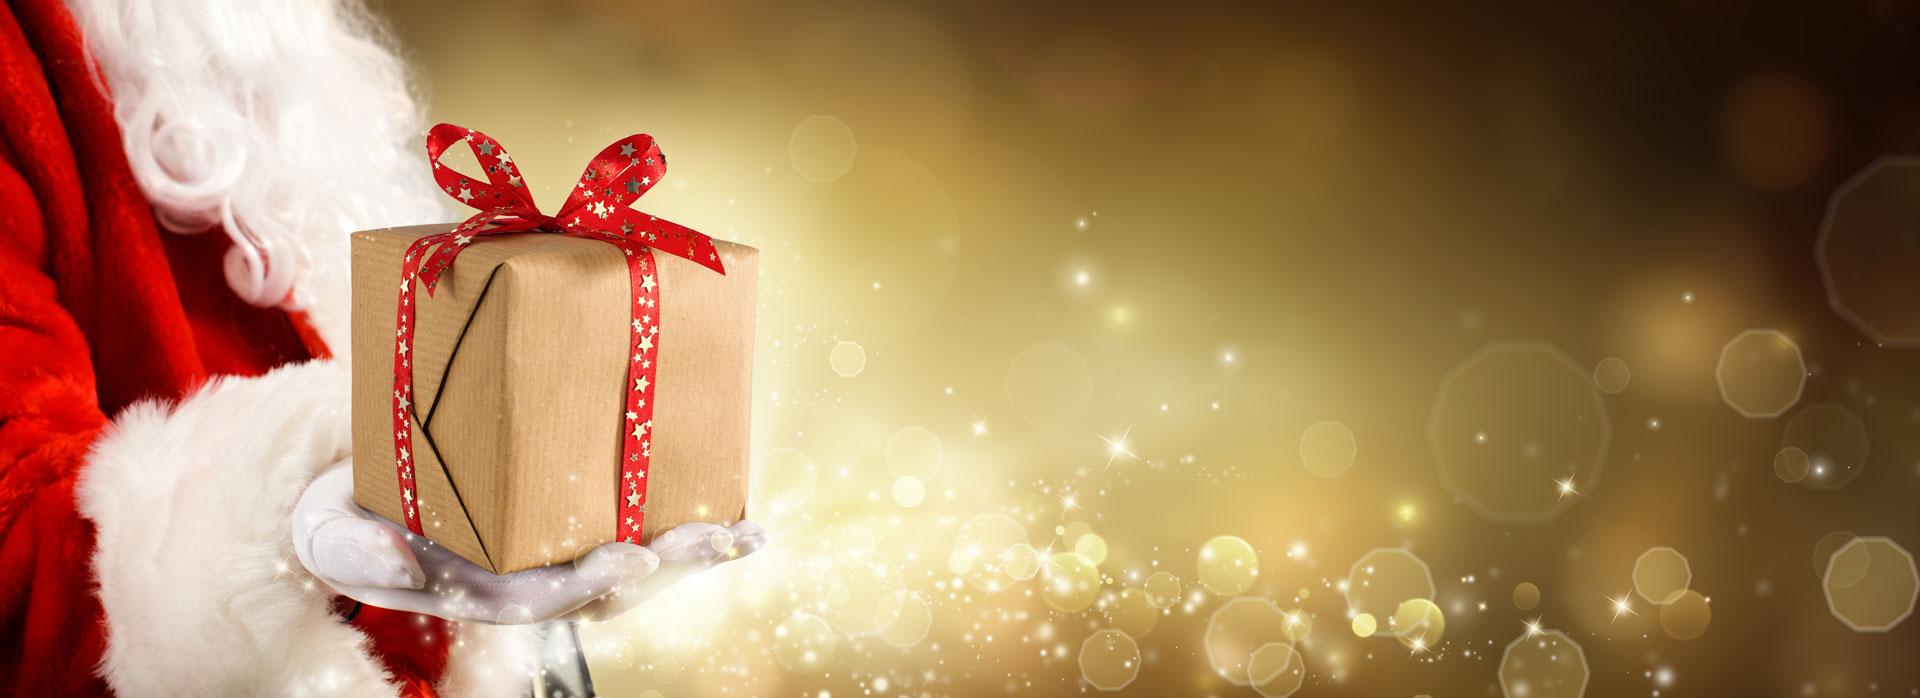 Gratis udbringning af julegaver i postnr. 9800 frem til den 24. december